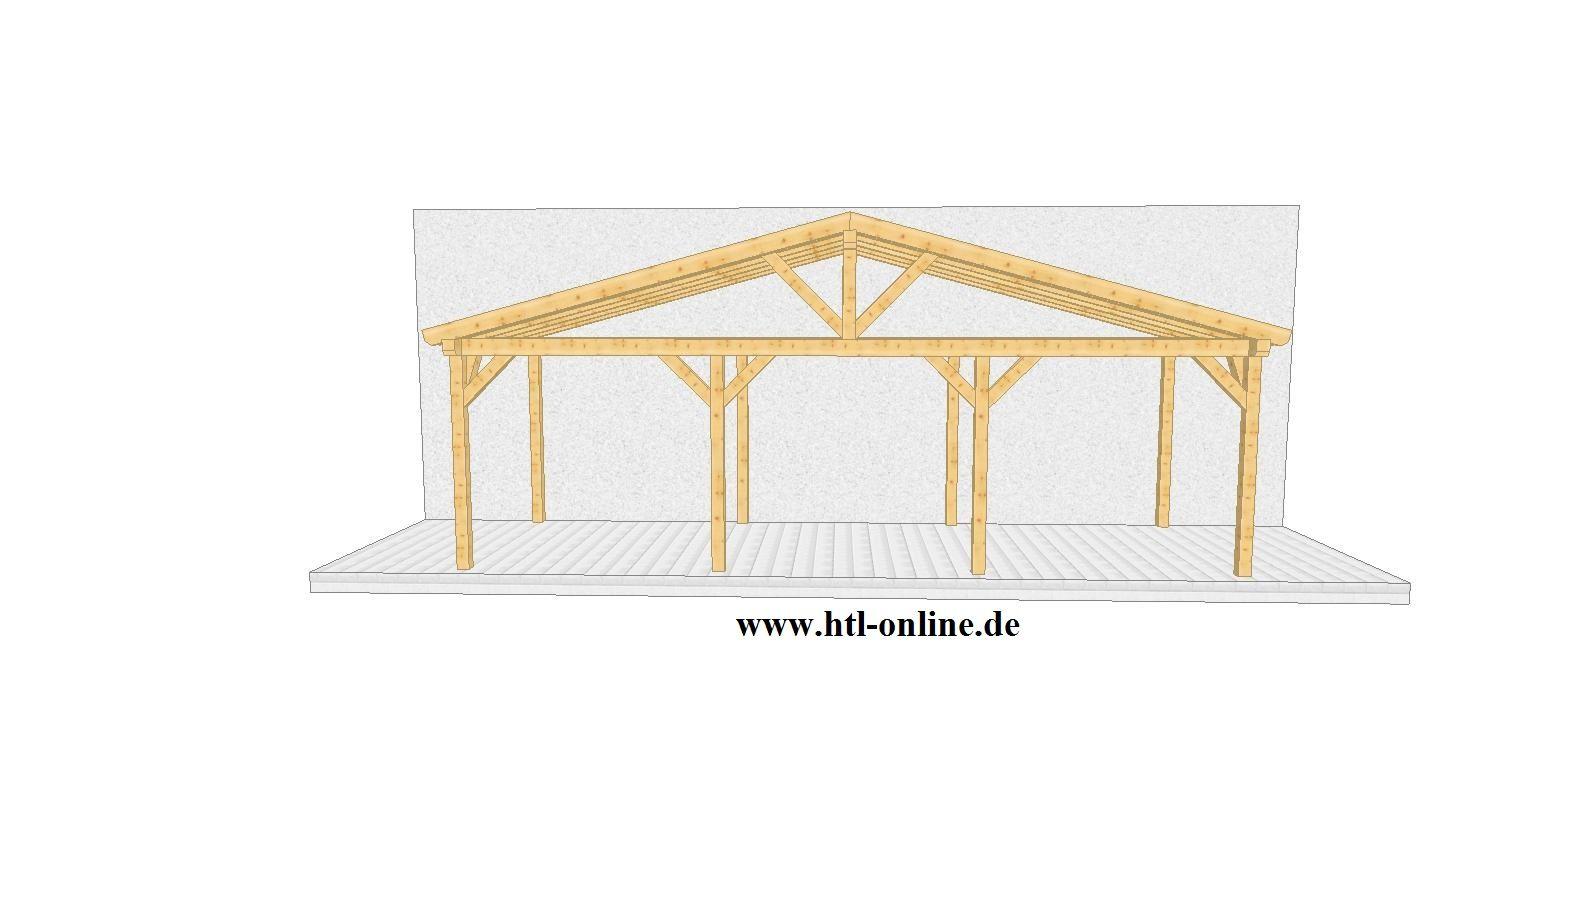 Uberdachung Aus Holz Htl Holztechnik Holz Arbeit Mit Holz Uberdachung Aus Holz Carport Selber Bauen Uberdachung Holz Carport Holz